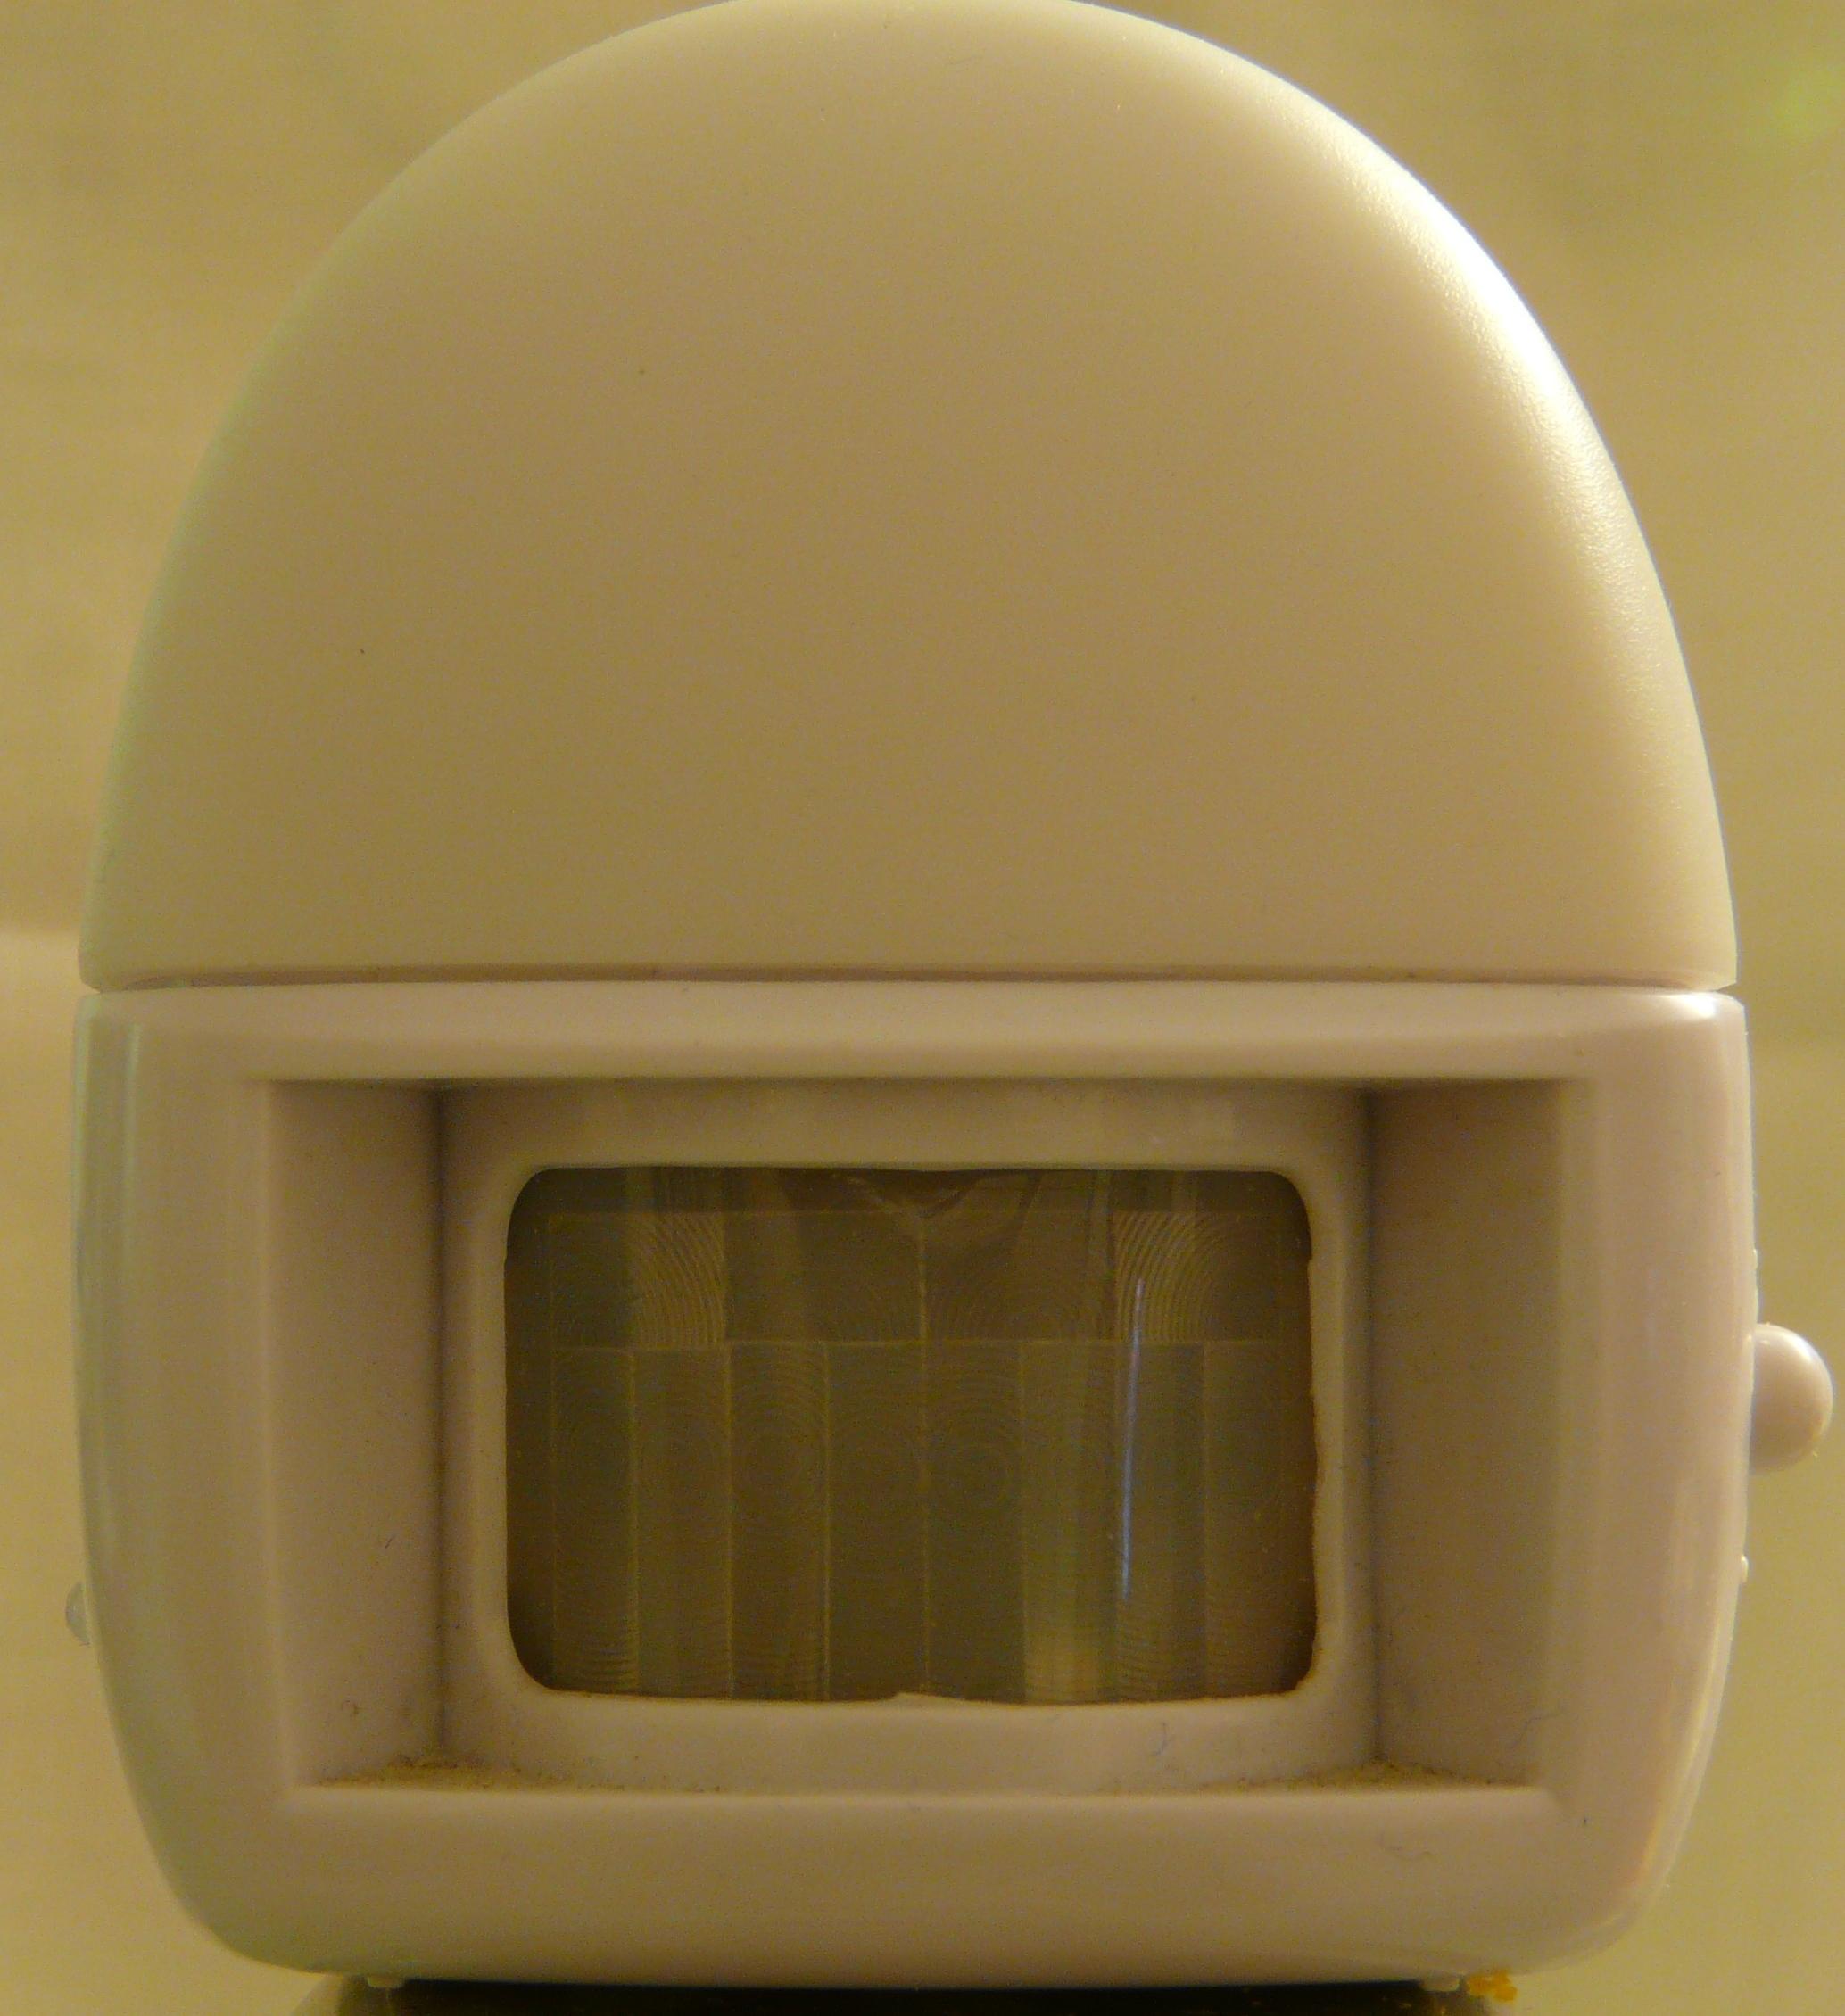 Cheap PIR sensor for e.g. Arduino